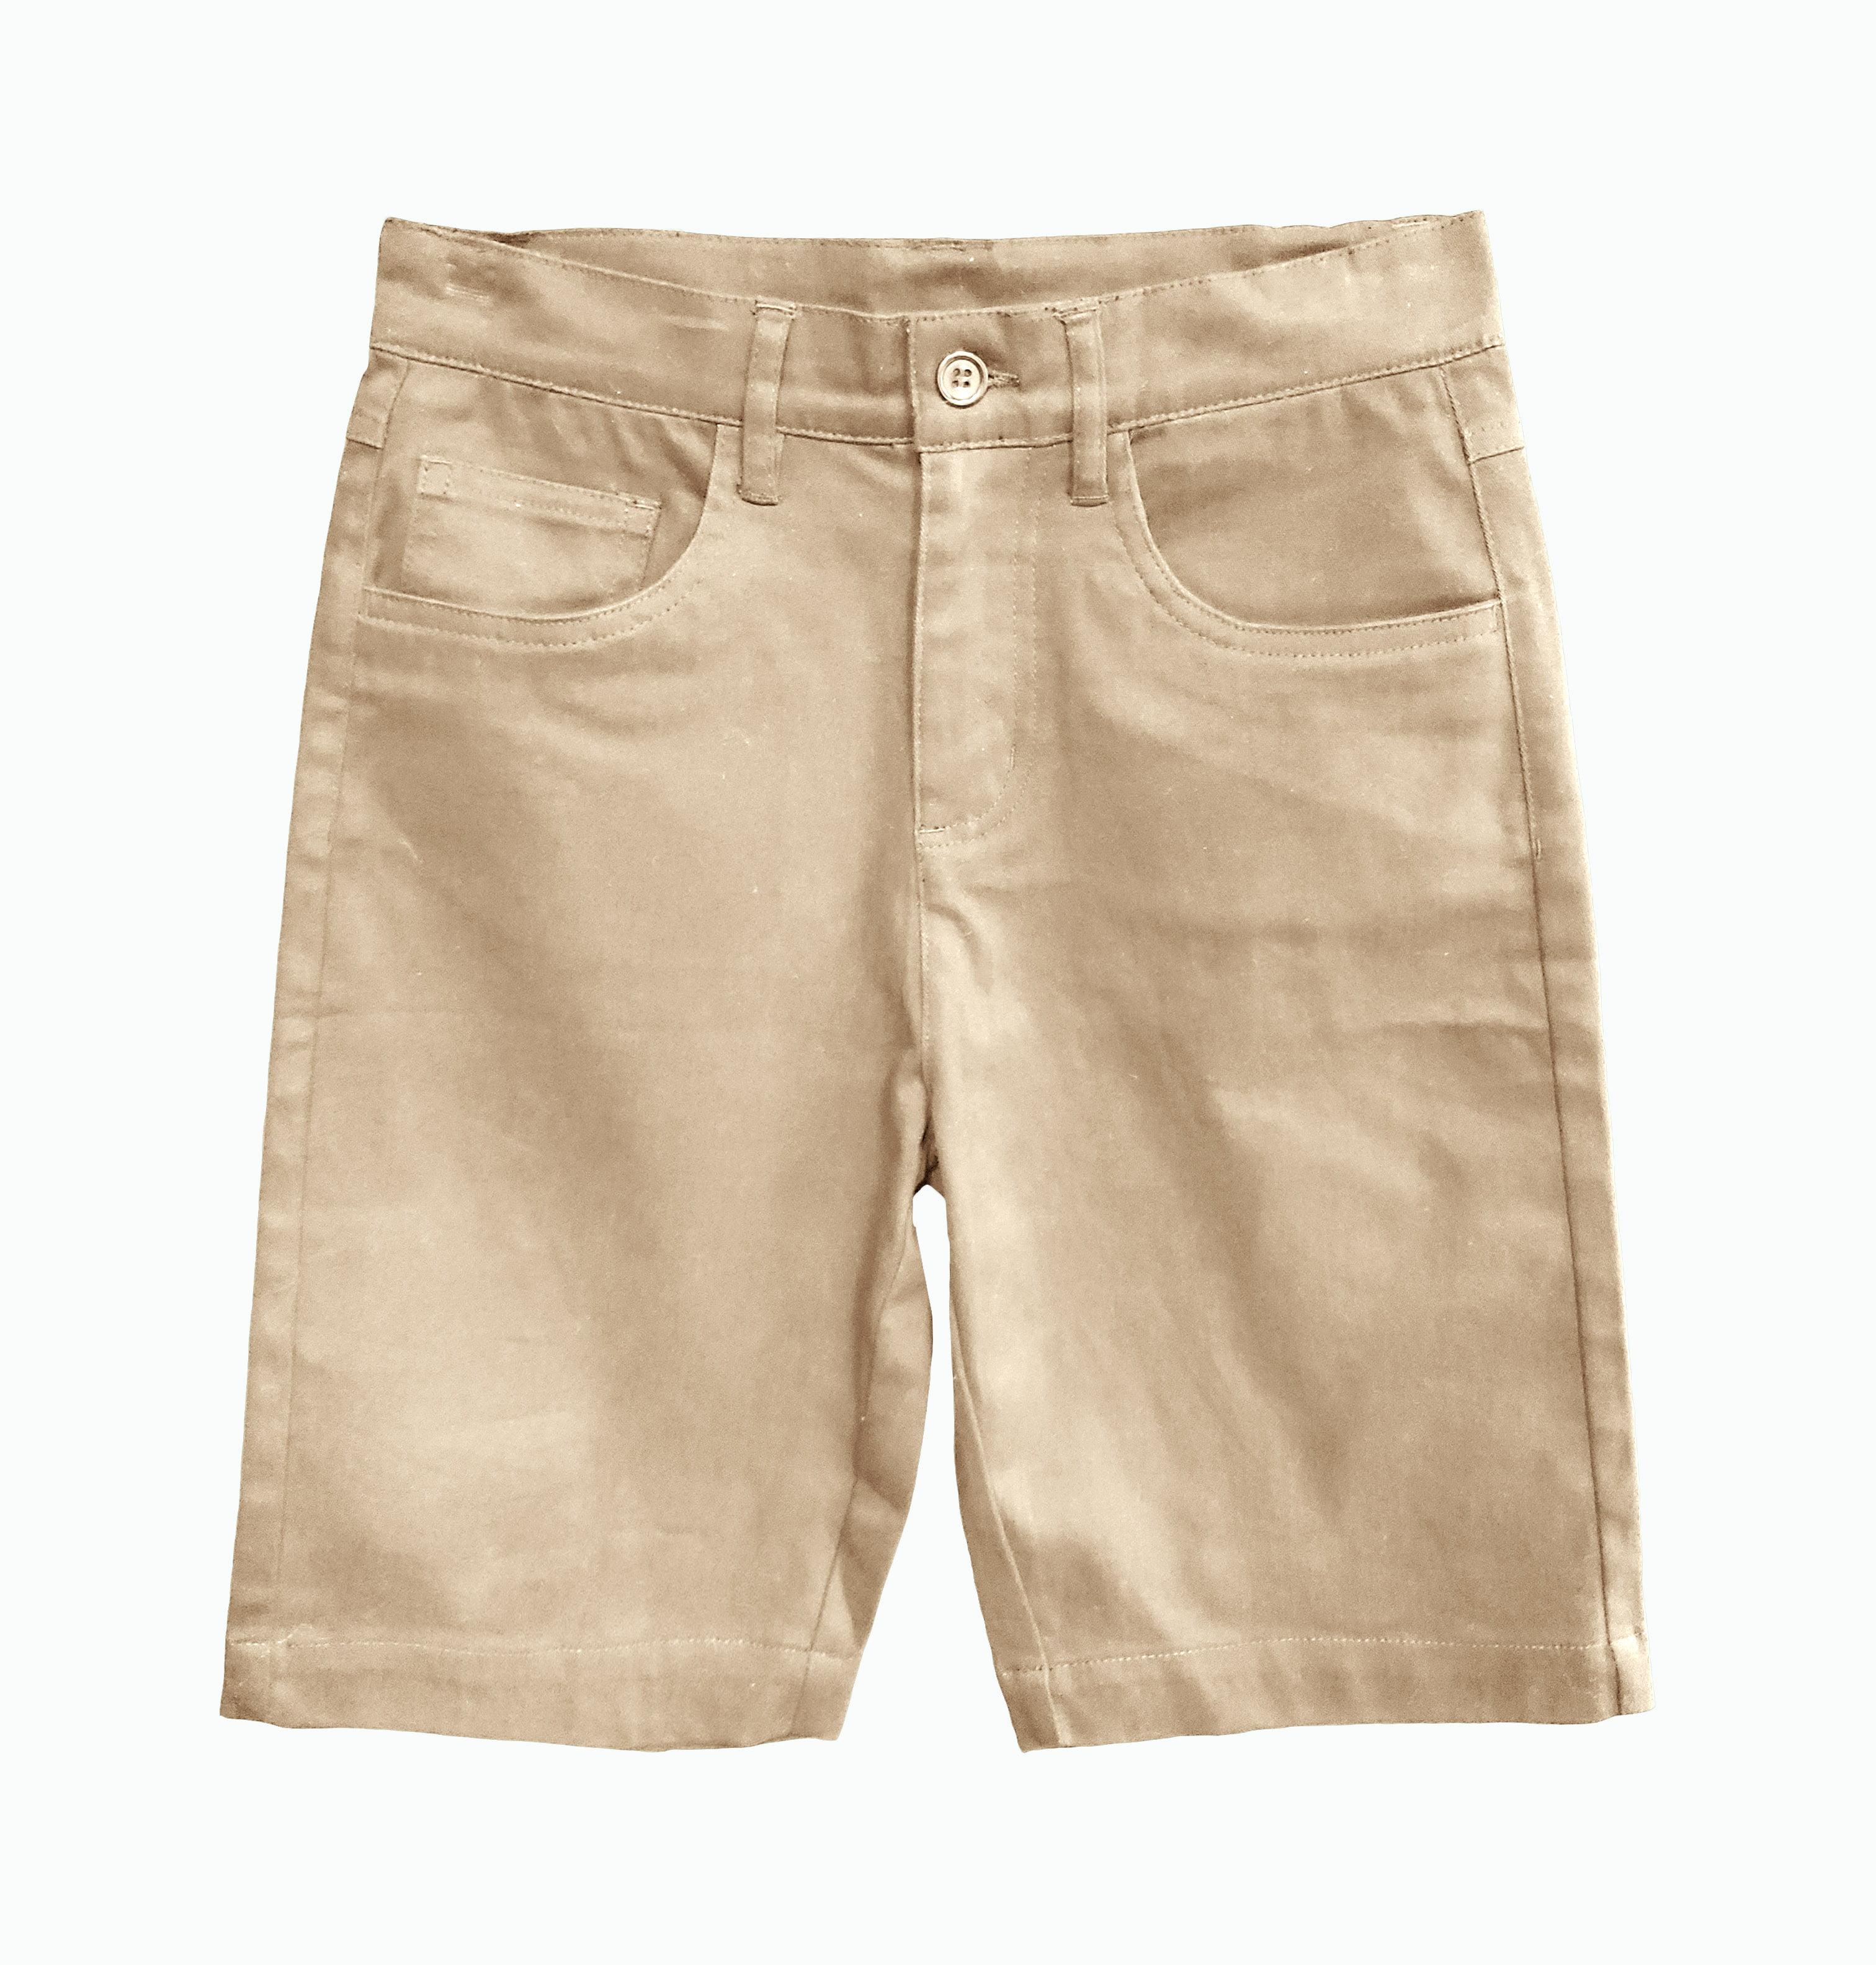 Boys Uniform 5 Pocket Stretch Twill Short